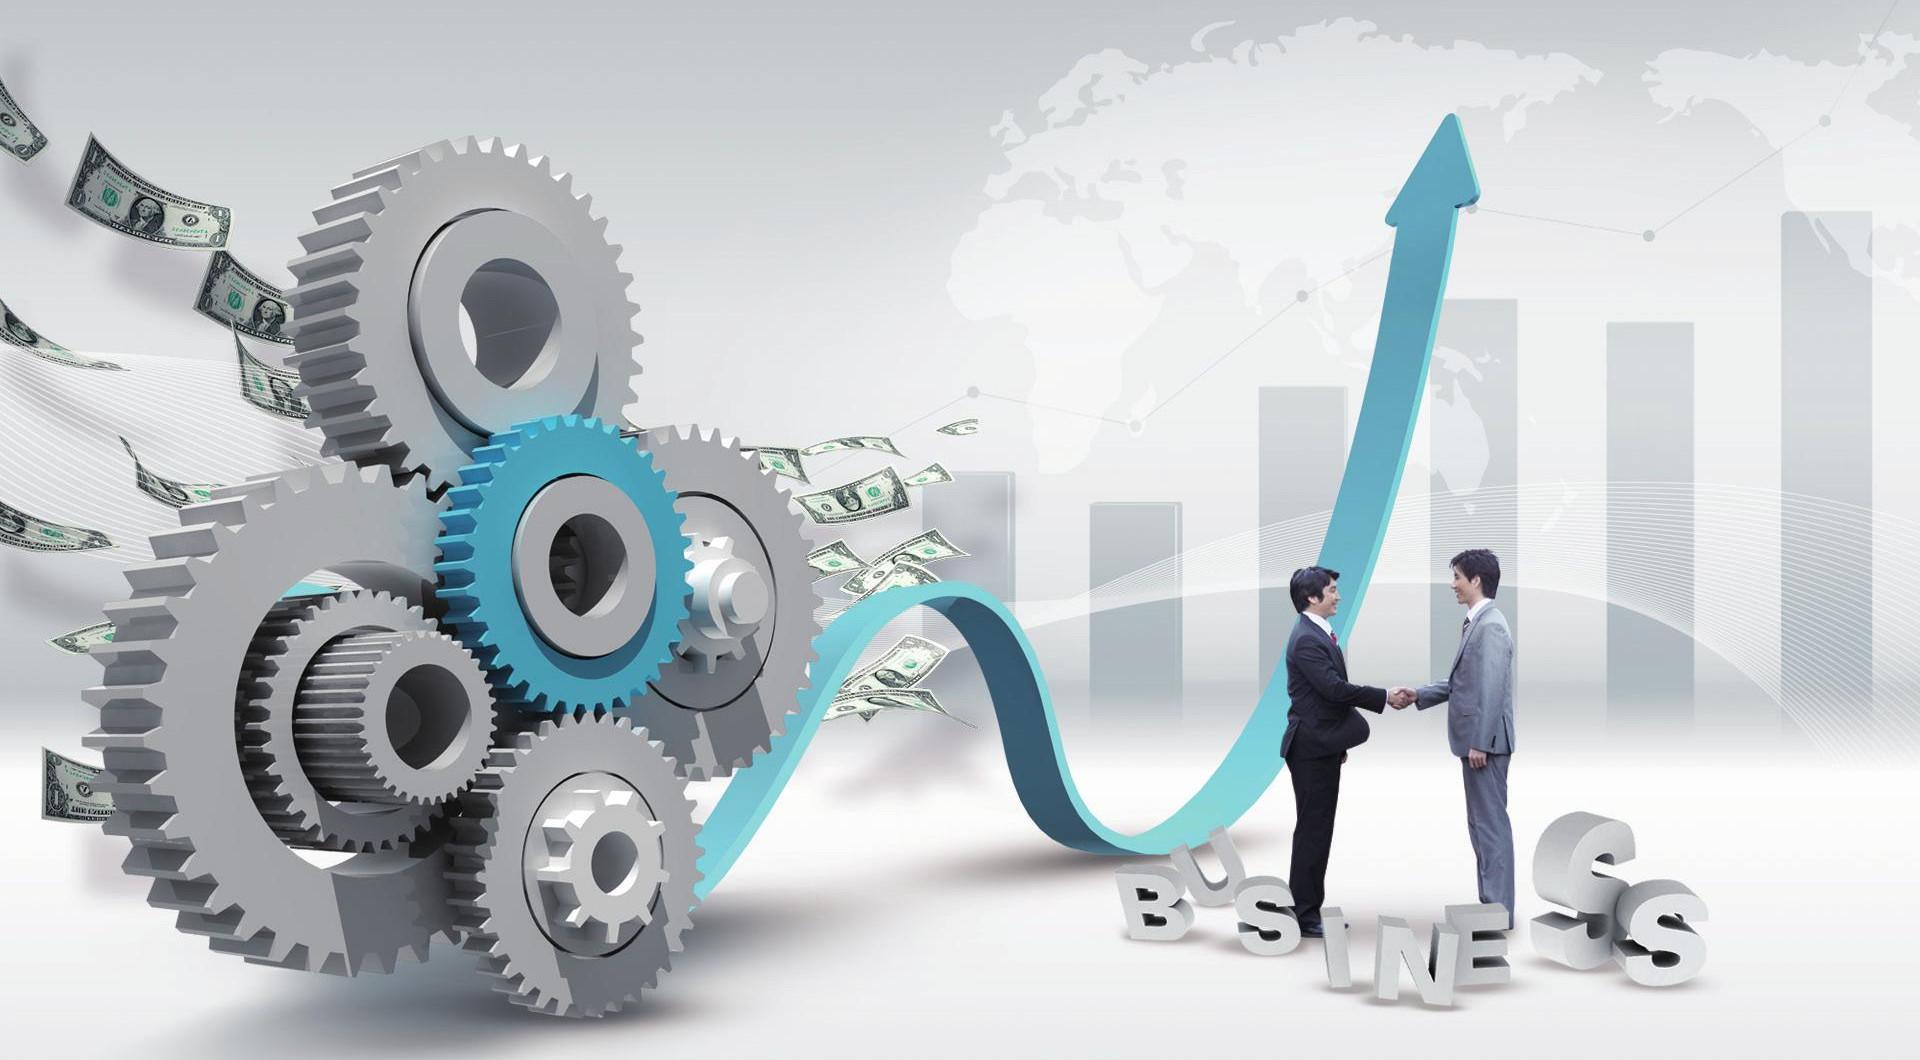 «ارزشگذاری» مهمترین چالش ورود استارتآپها به بازارسرمایه/ تکشاخهای استارتآپی عرضه میشوند؟